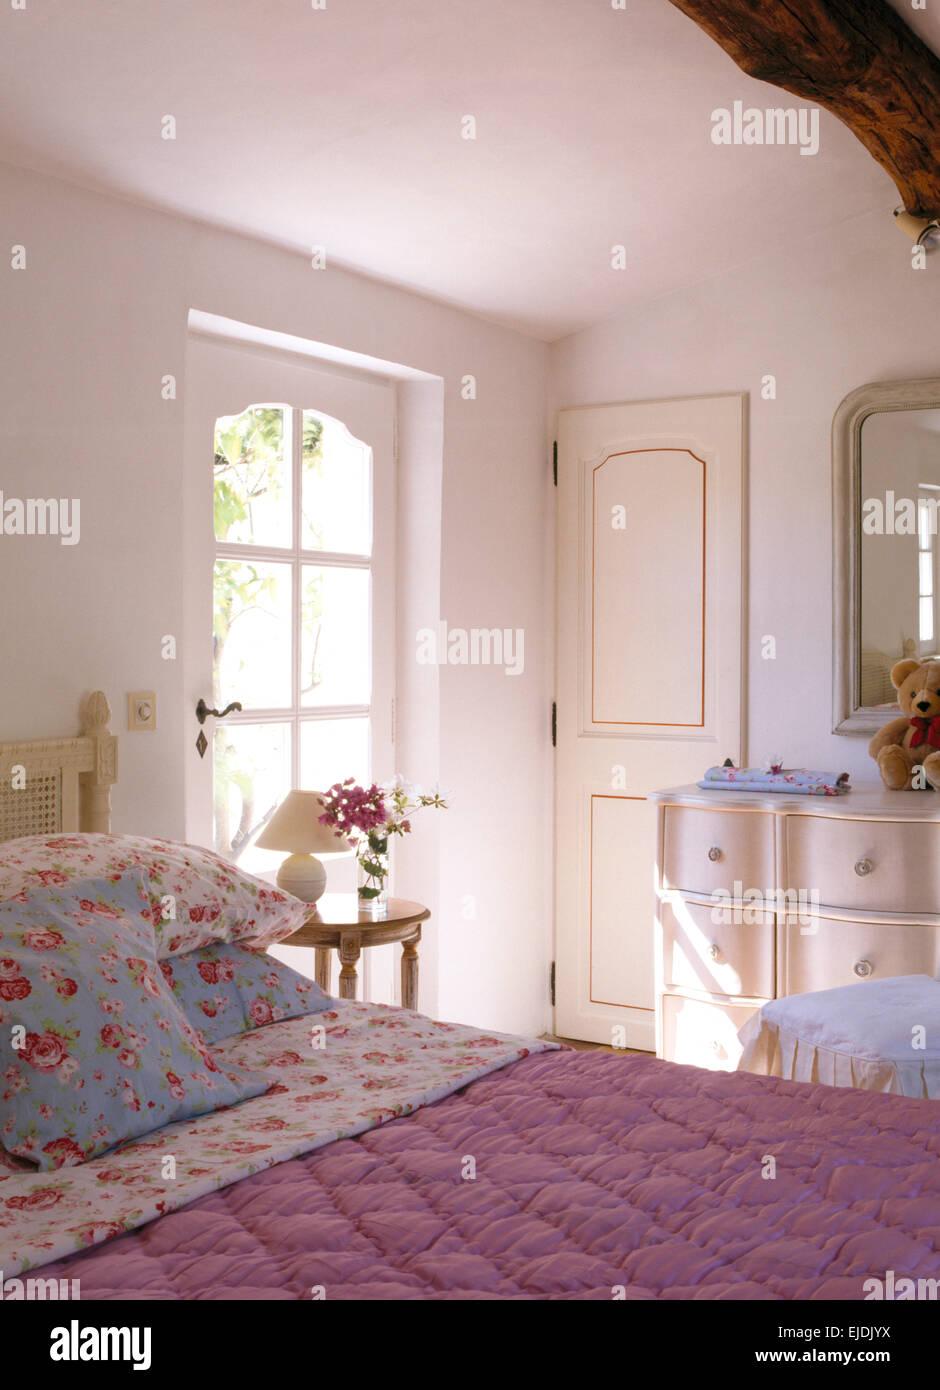 Rose Gemusterte Kissen Und Rosa Quilt In Französischer Landhaus Schlafzimmer